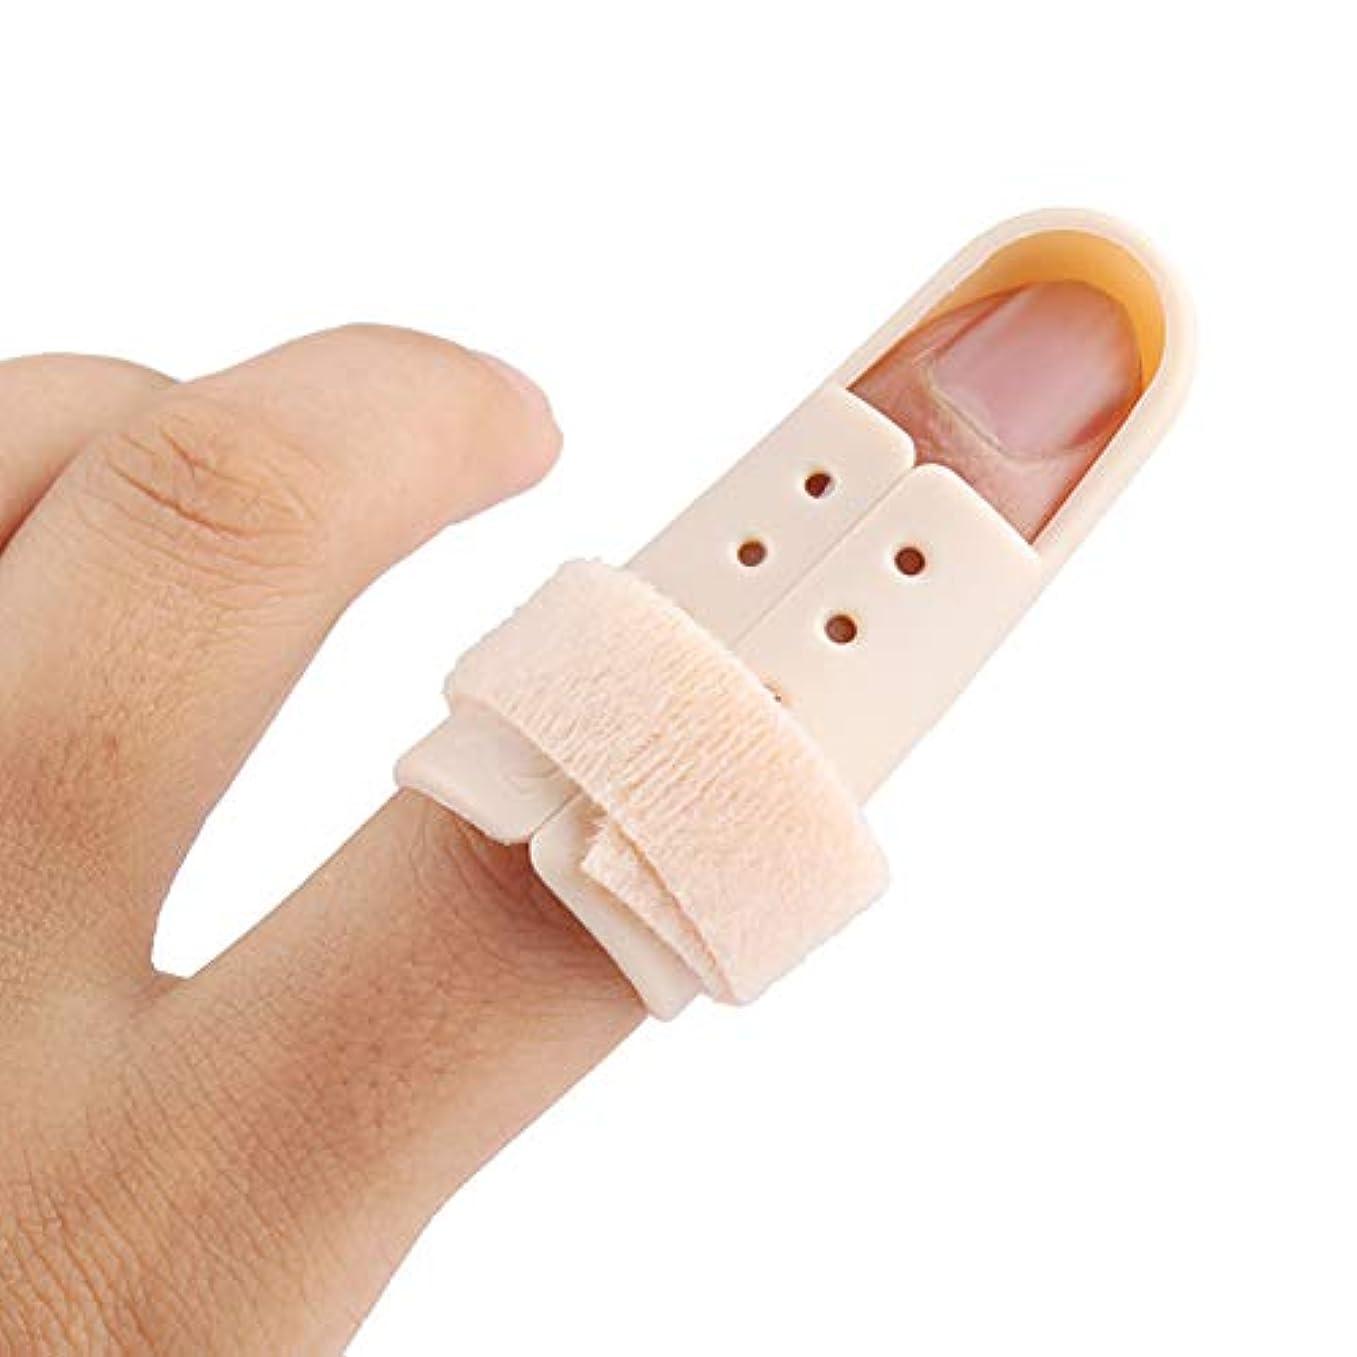 パフもっと監査フィンガースプリントブレース、指関節痛用フィンガーイモビライザー、バスケットボール用プロテクター、5個,S